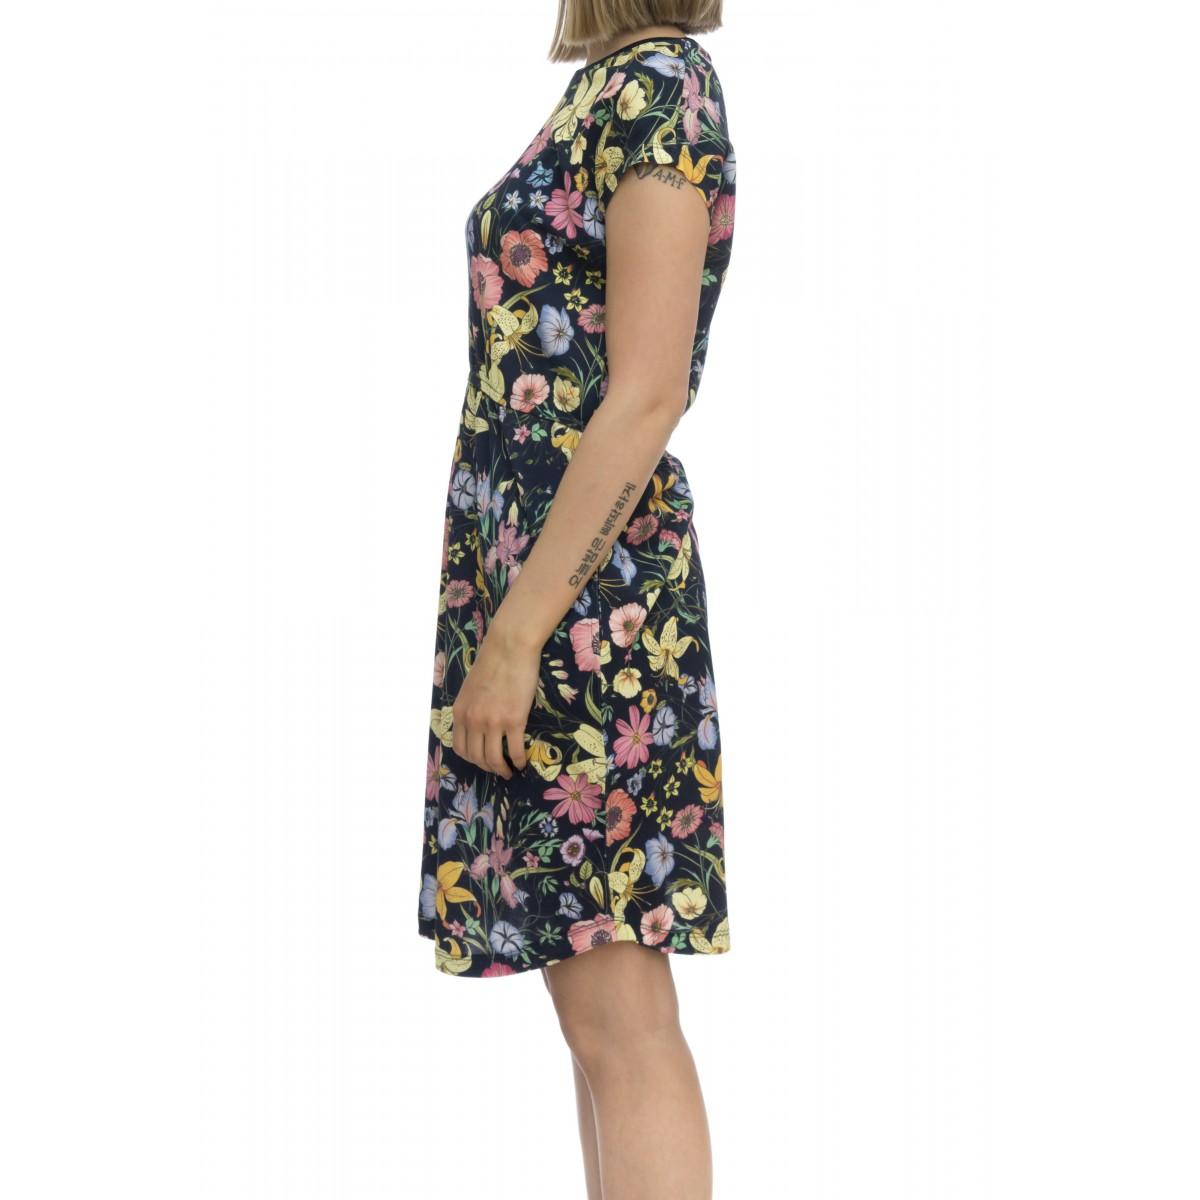 Vestito - A19207 vestito nido ape stampa